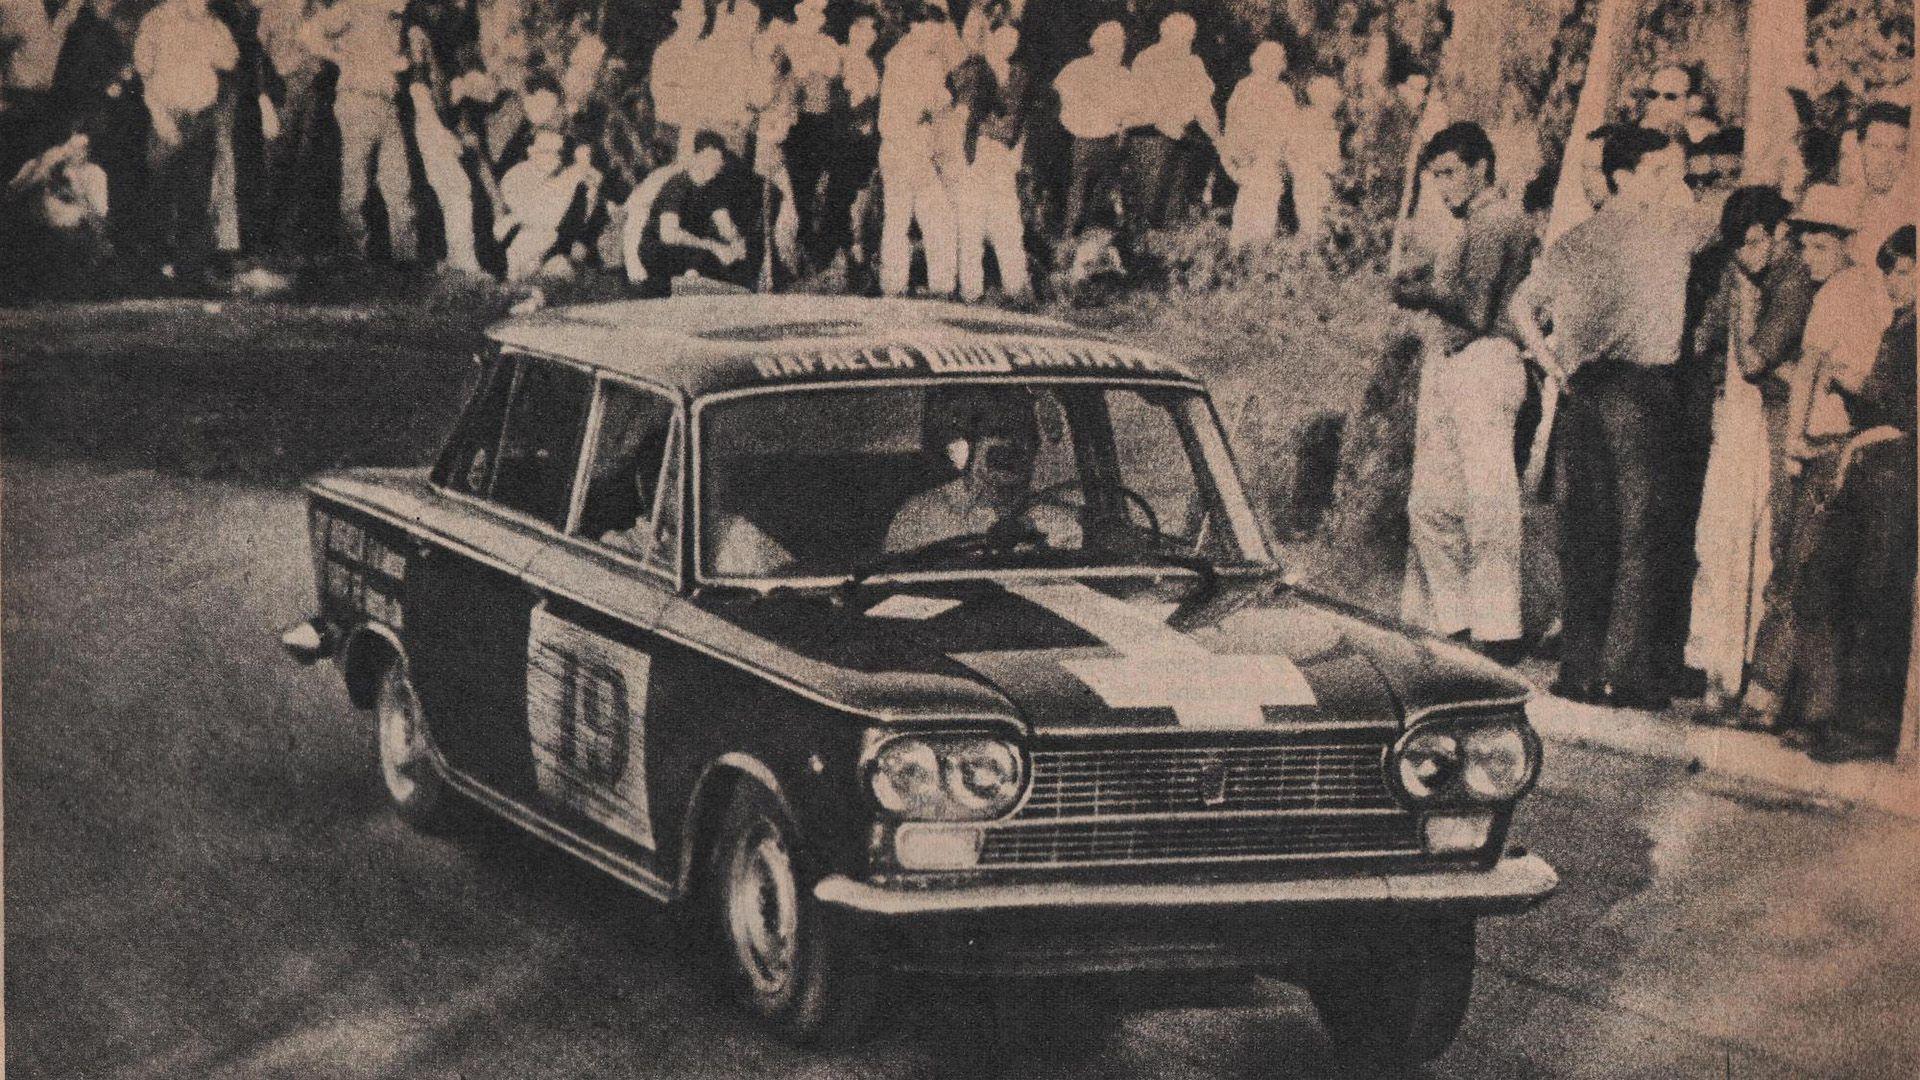 Historia de Reutemann